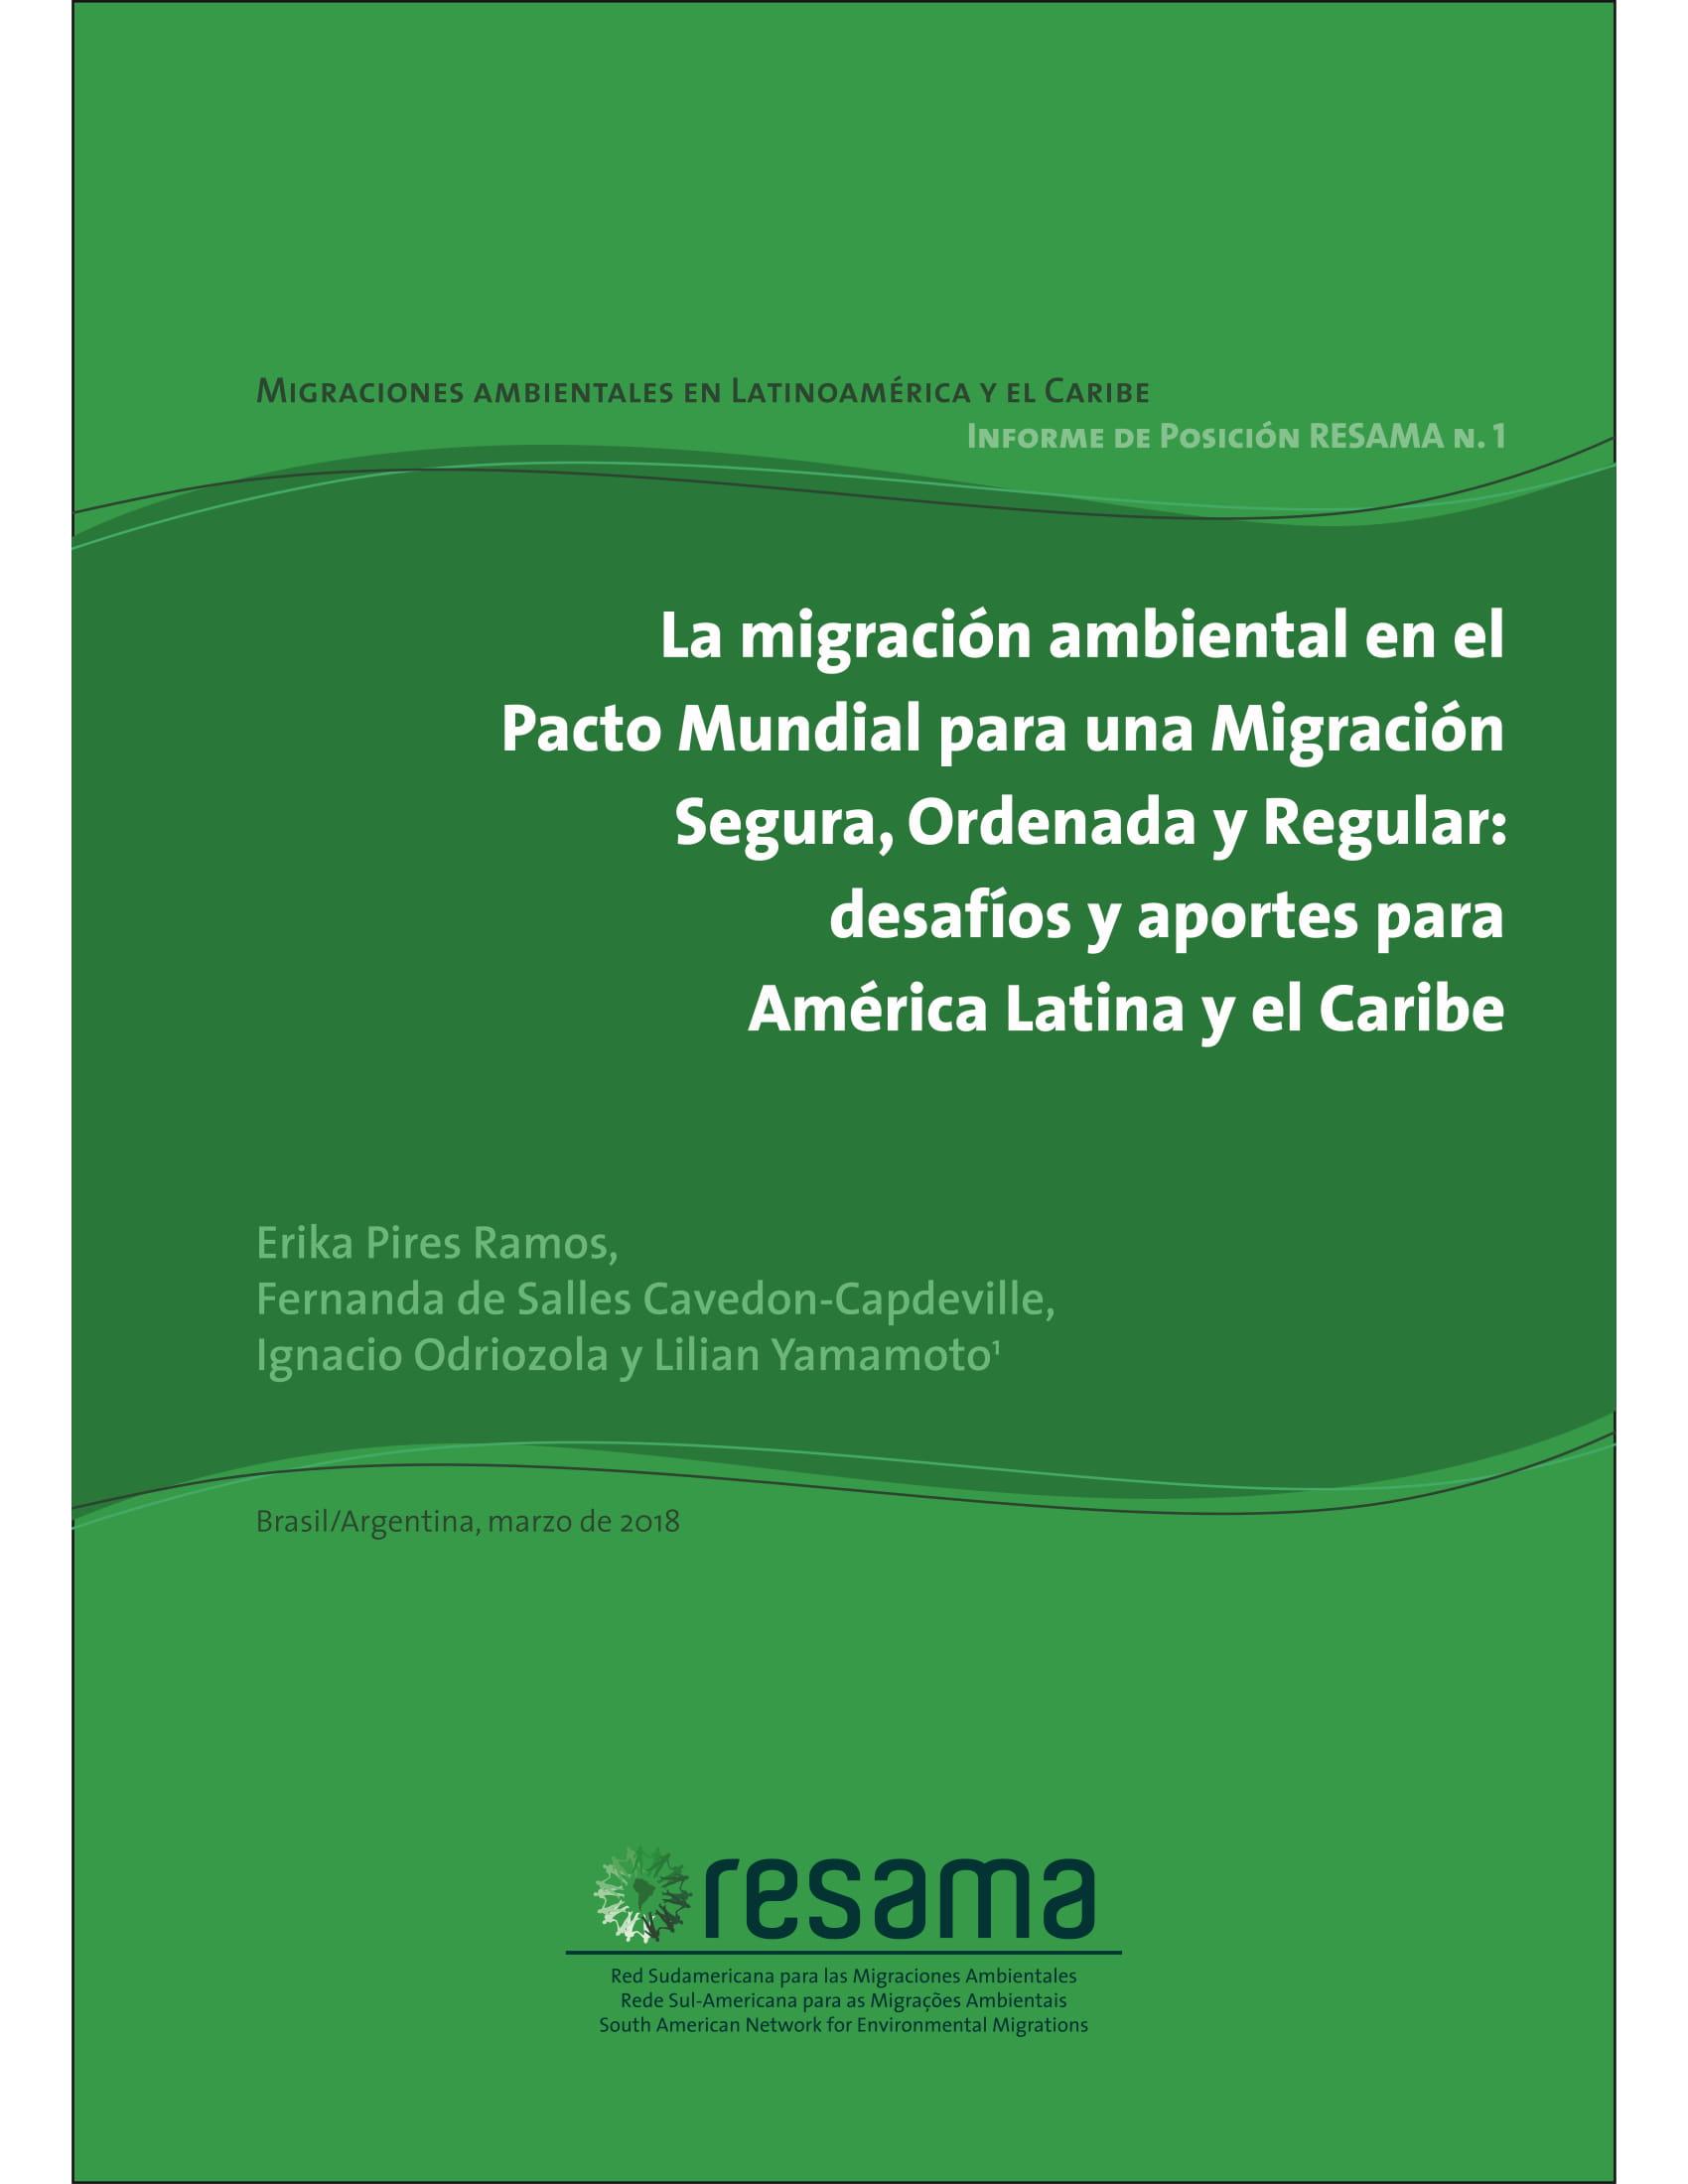 La Migracion Ambiental En El Pacto Mundial Para Una Migracion Segura, Ordenada Y Reguylar: Desafios Y Aportes Para America Latina Y El Caribe